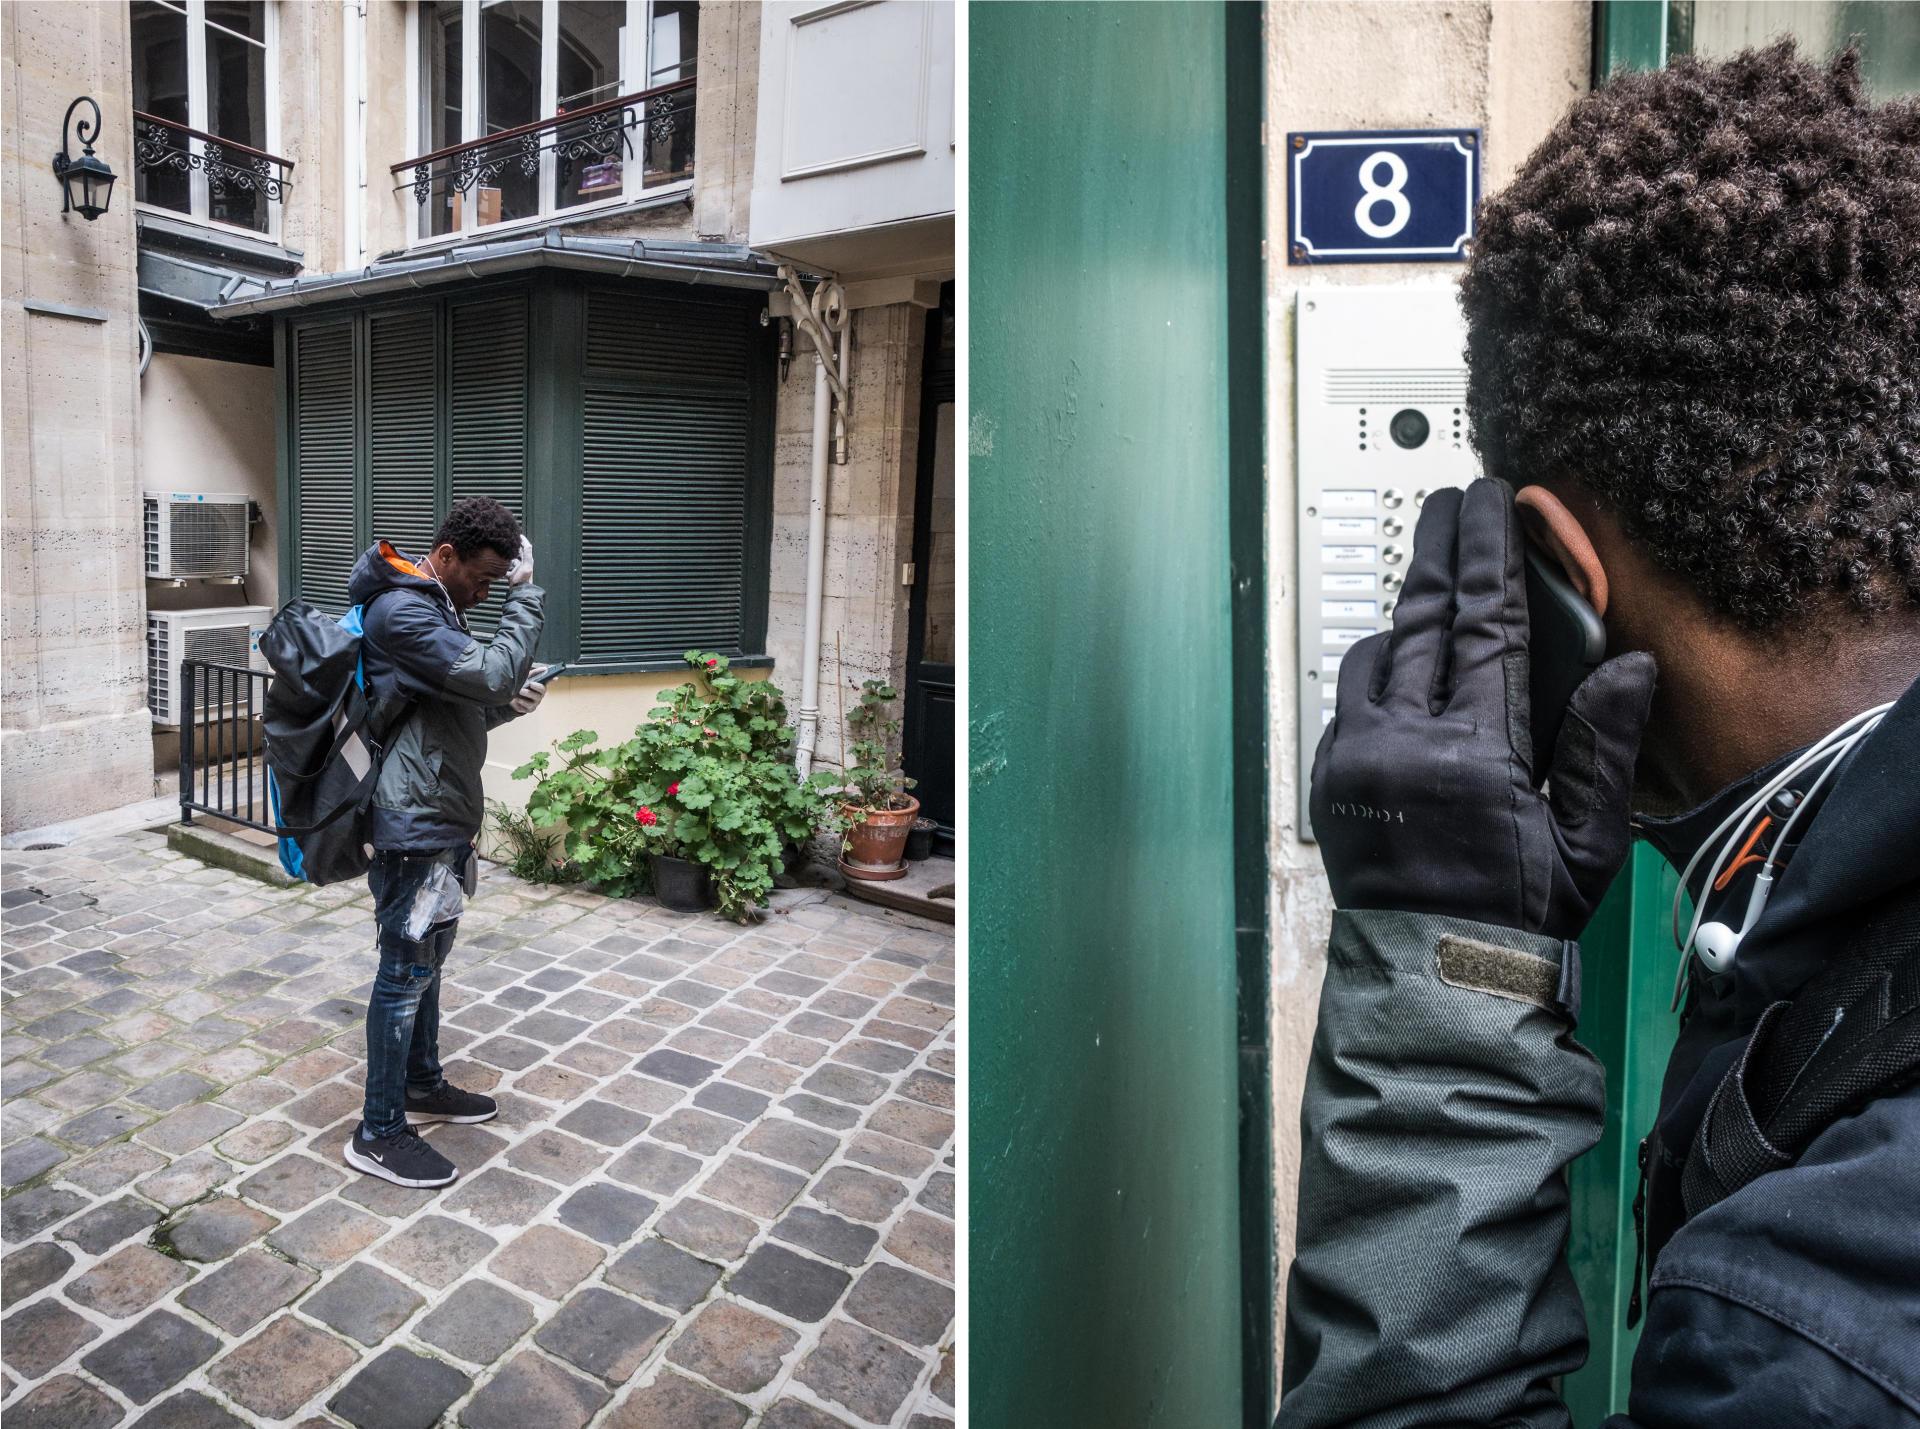 Livraisons dans l'arrière cour d'un immeuble du 5earrondissement et à la cité Veron, dans le 18earrondissement de Paris.